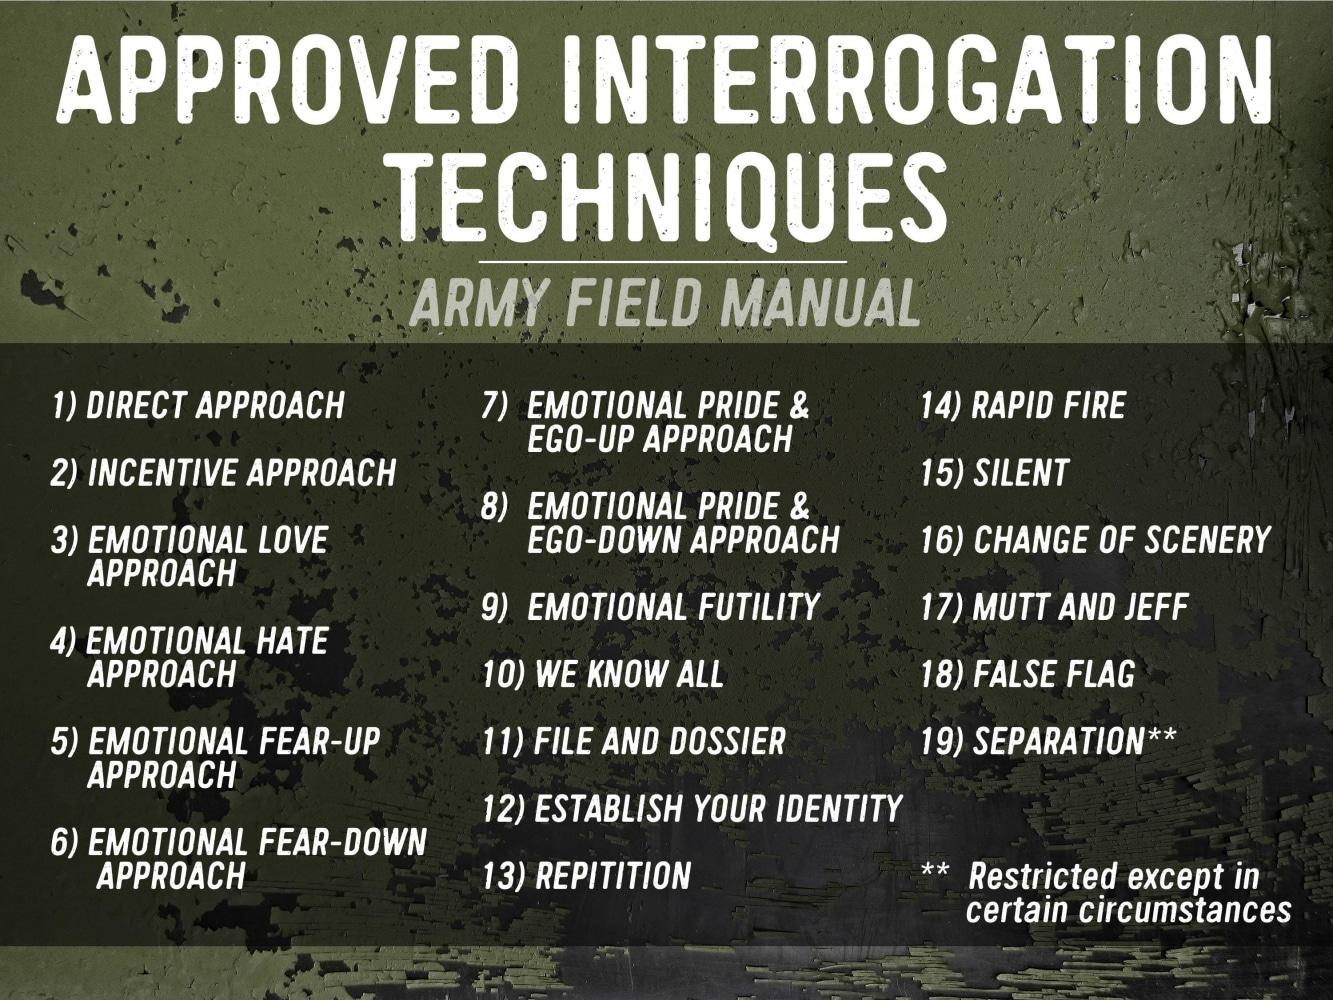 breaking down u s interrogation tactics nbc news rh nbcnews com U.S. Army Field Manuals Paperback Food Serive U.S. Army Field Manuals